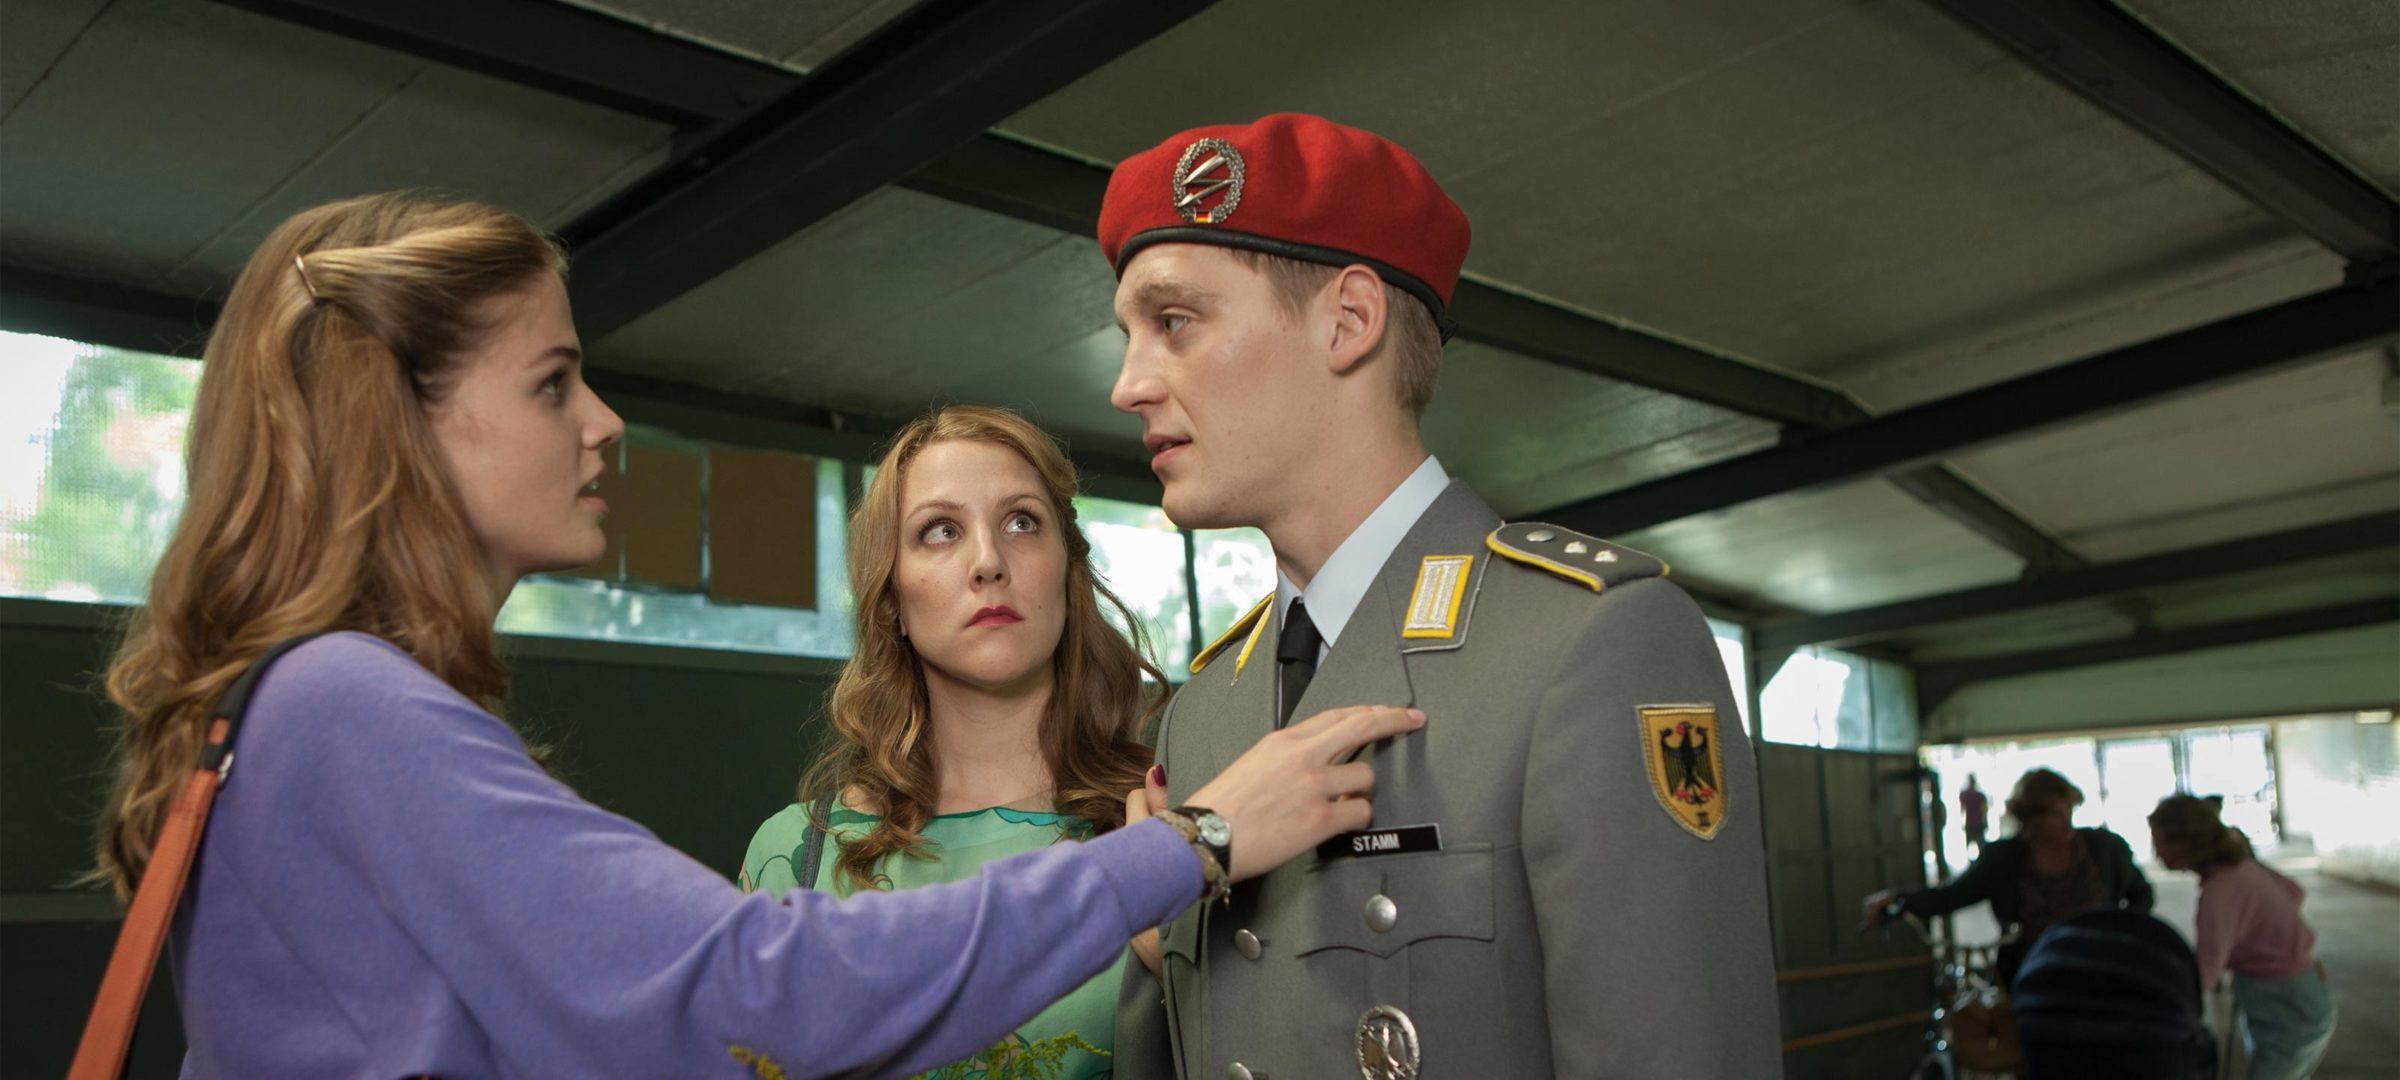 SundanceTV - Deutschland 83 Season 1